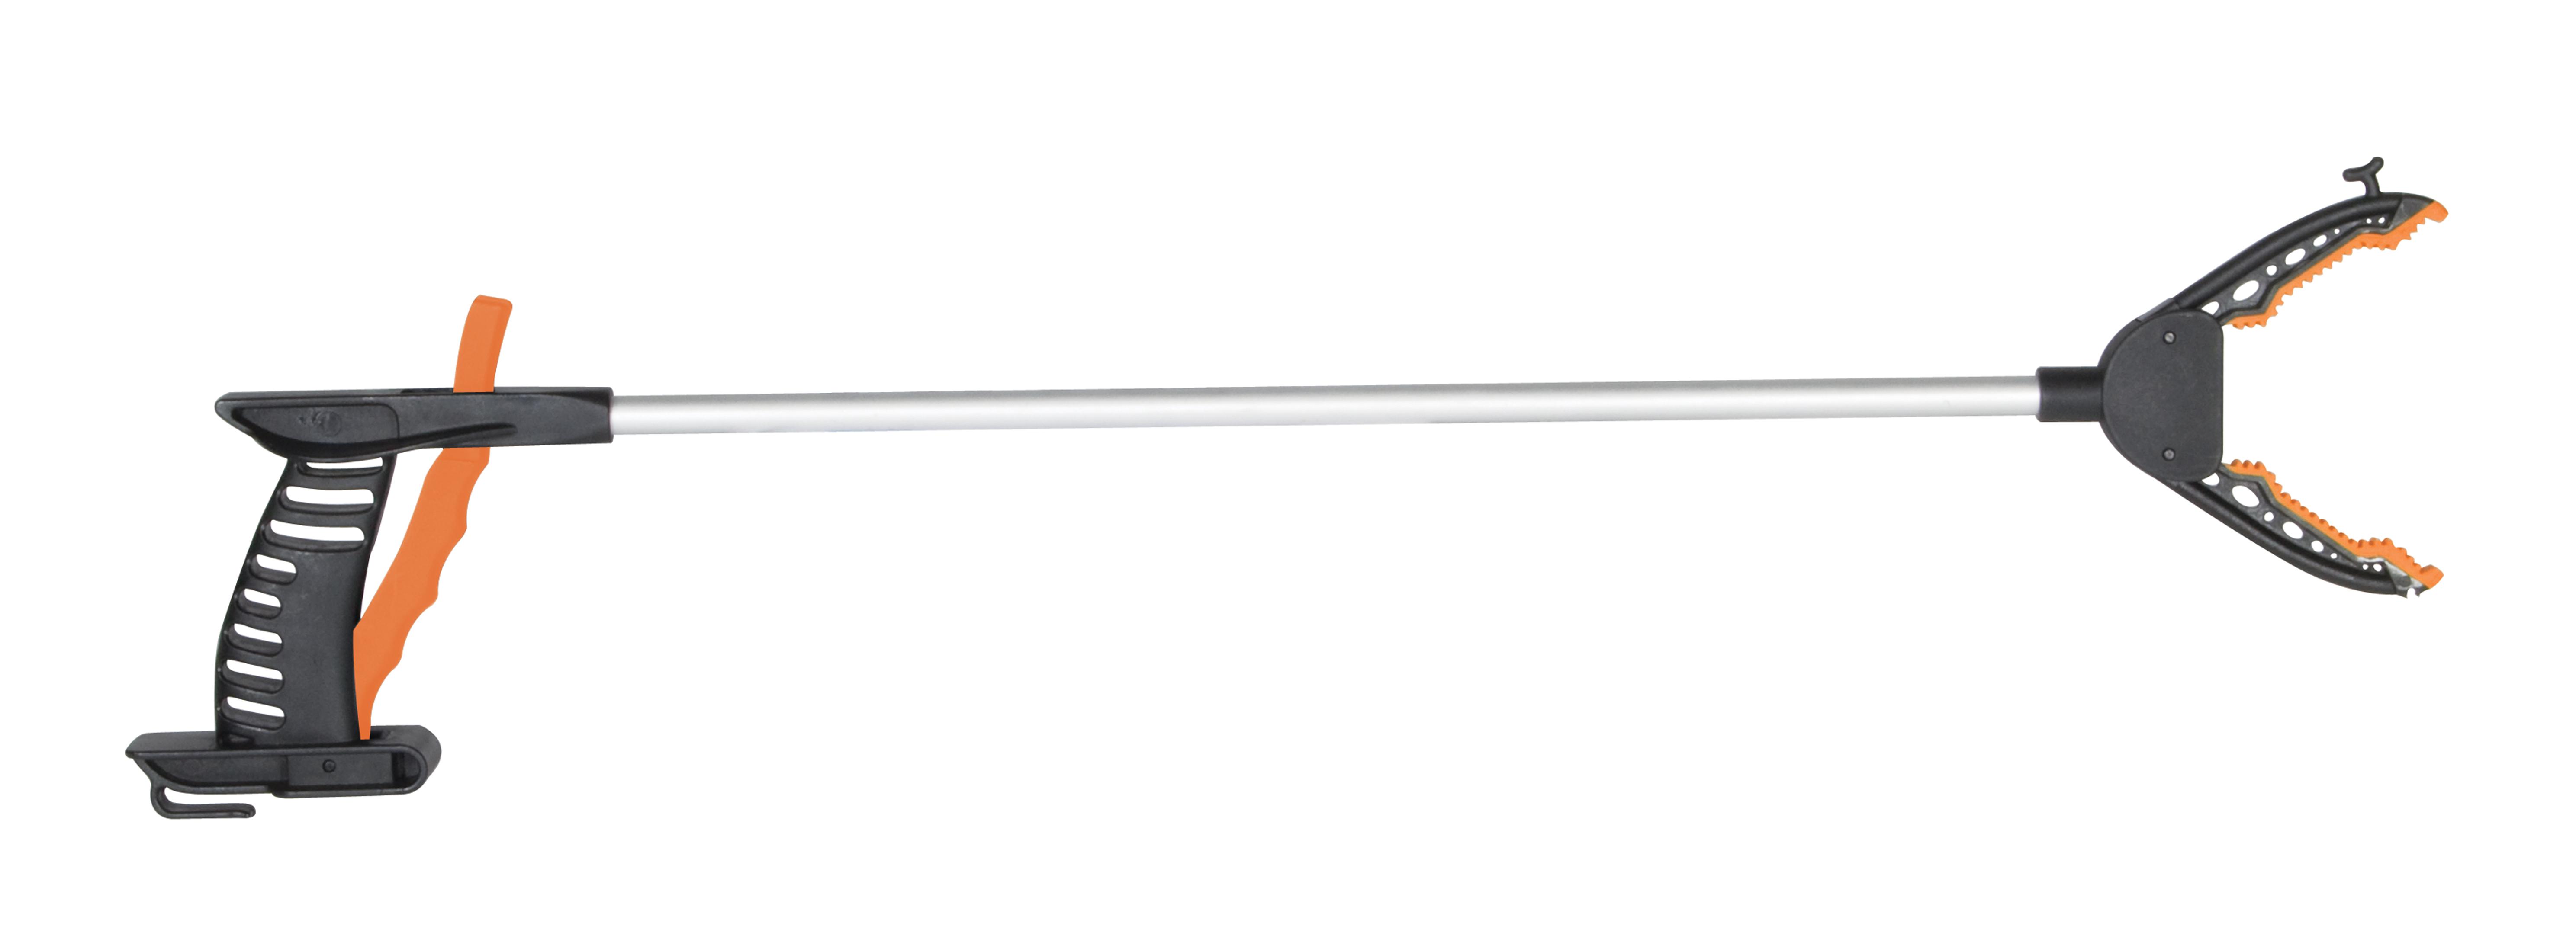 kitchen-safety-solution-ks2-drive-medical-4.jpg